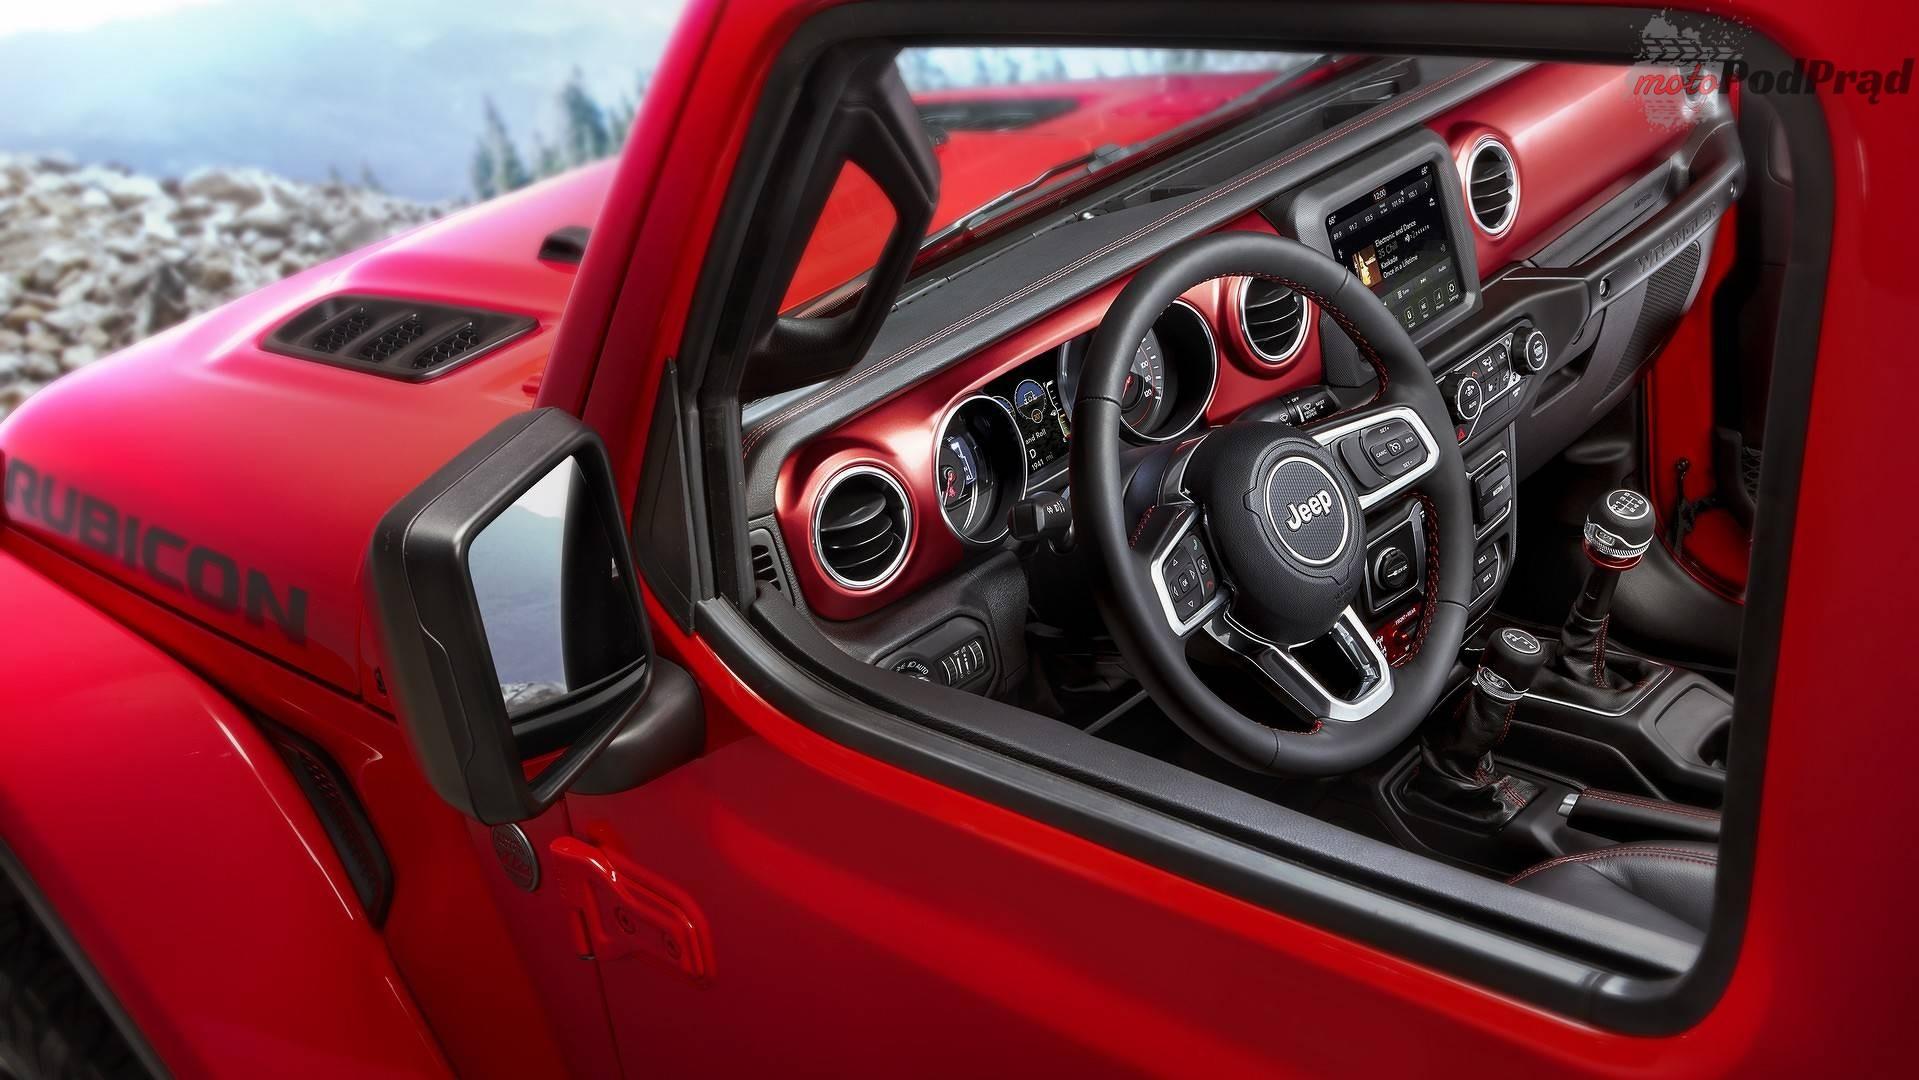 2018 jeep wrangler Nowy Jeep Wrangler   tym razem widać wnętrze